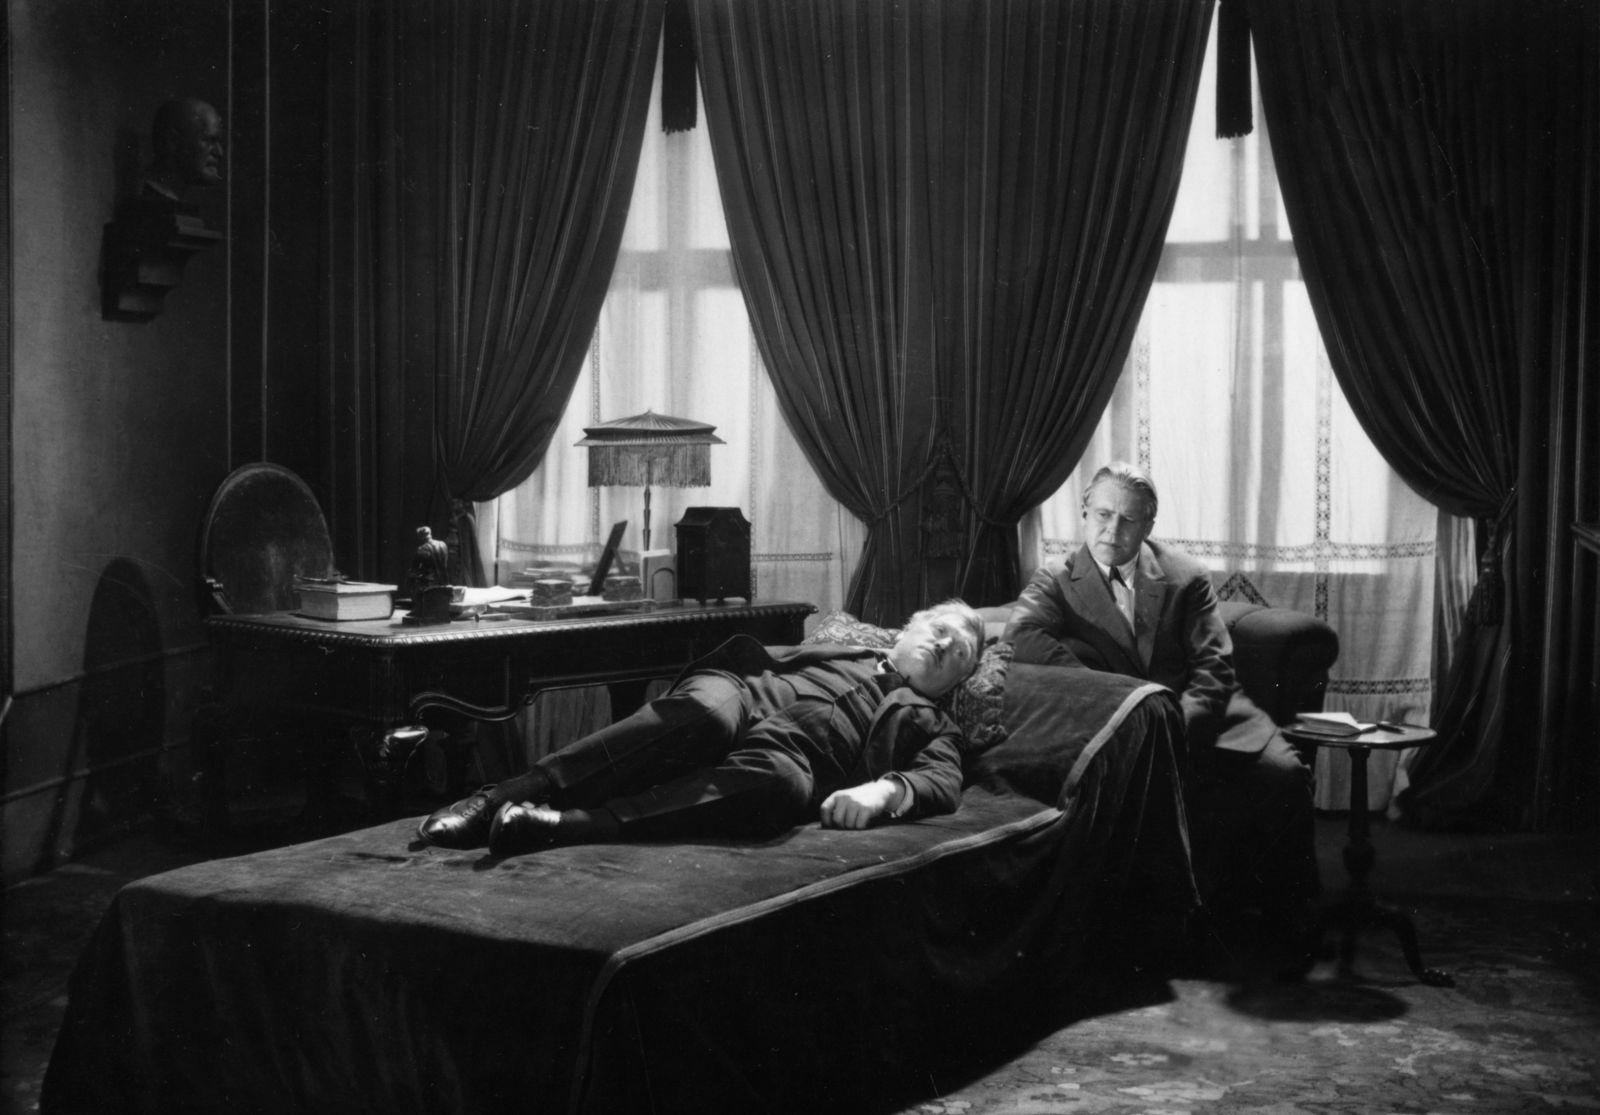 Szenenfoto aus dem Film Geheimnisse einer Seele (Deutschland 1926, Regie: Georg Wilhelm Pabst)